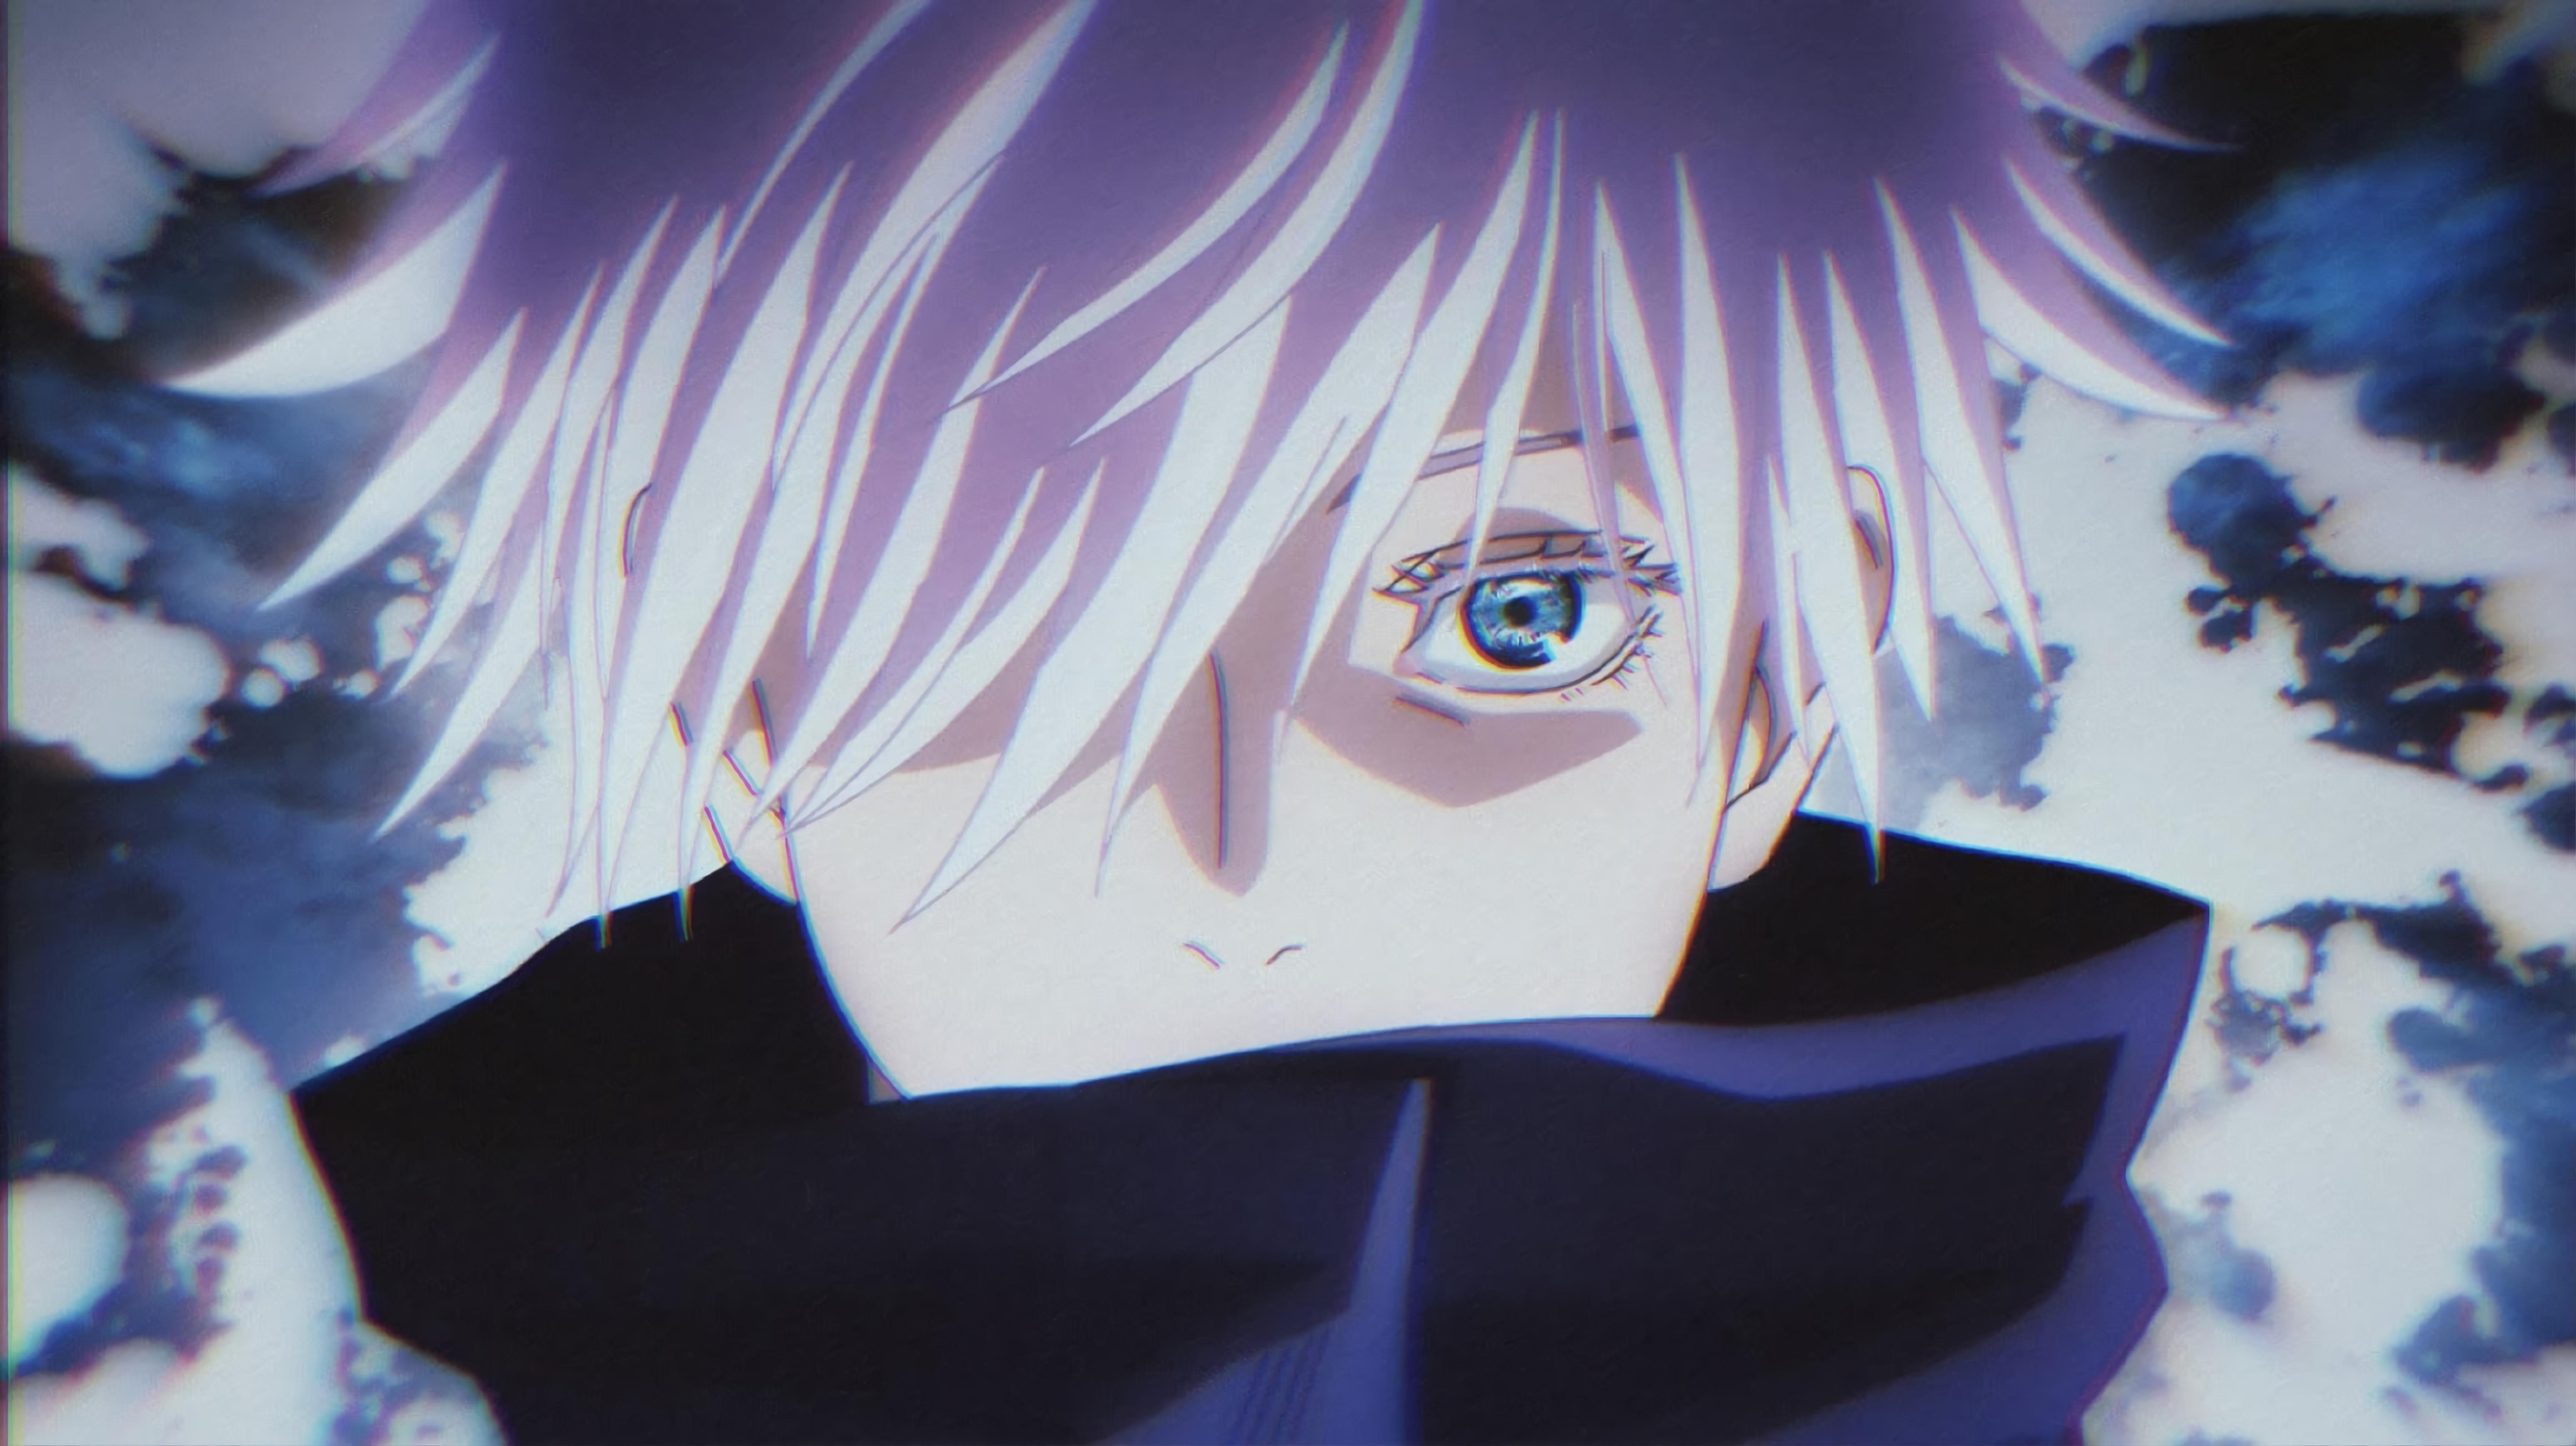 Gojo Satoru 1920x1080 En 2021 Jiujitsu Peliculas De Anime Personajes De Anime